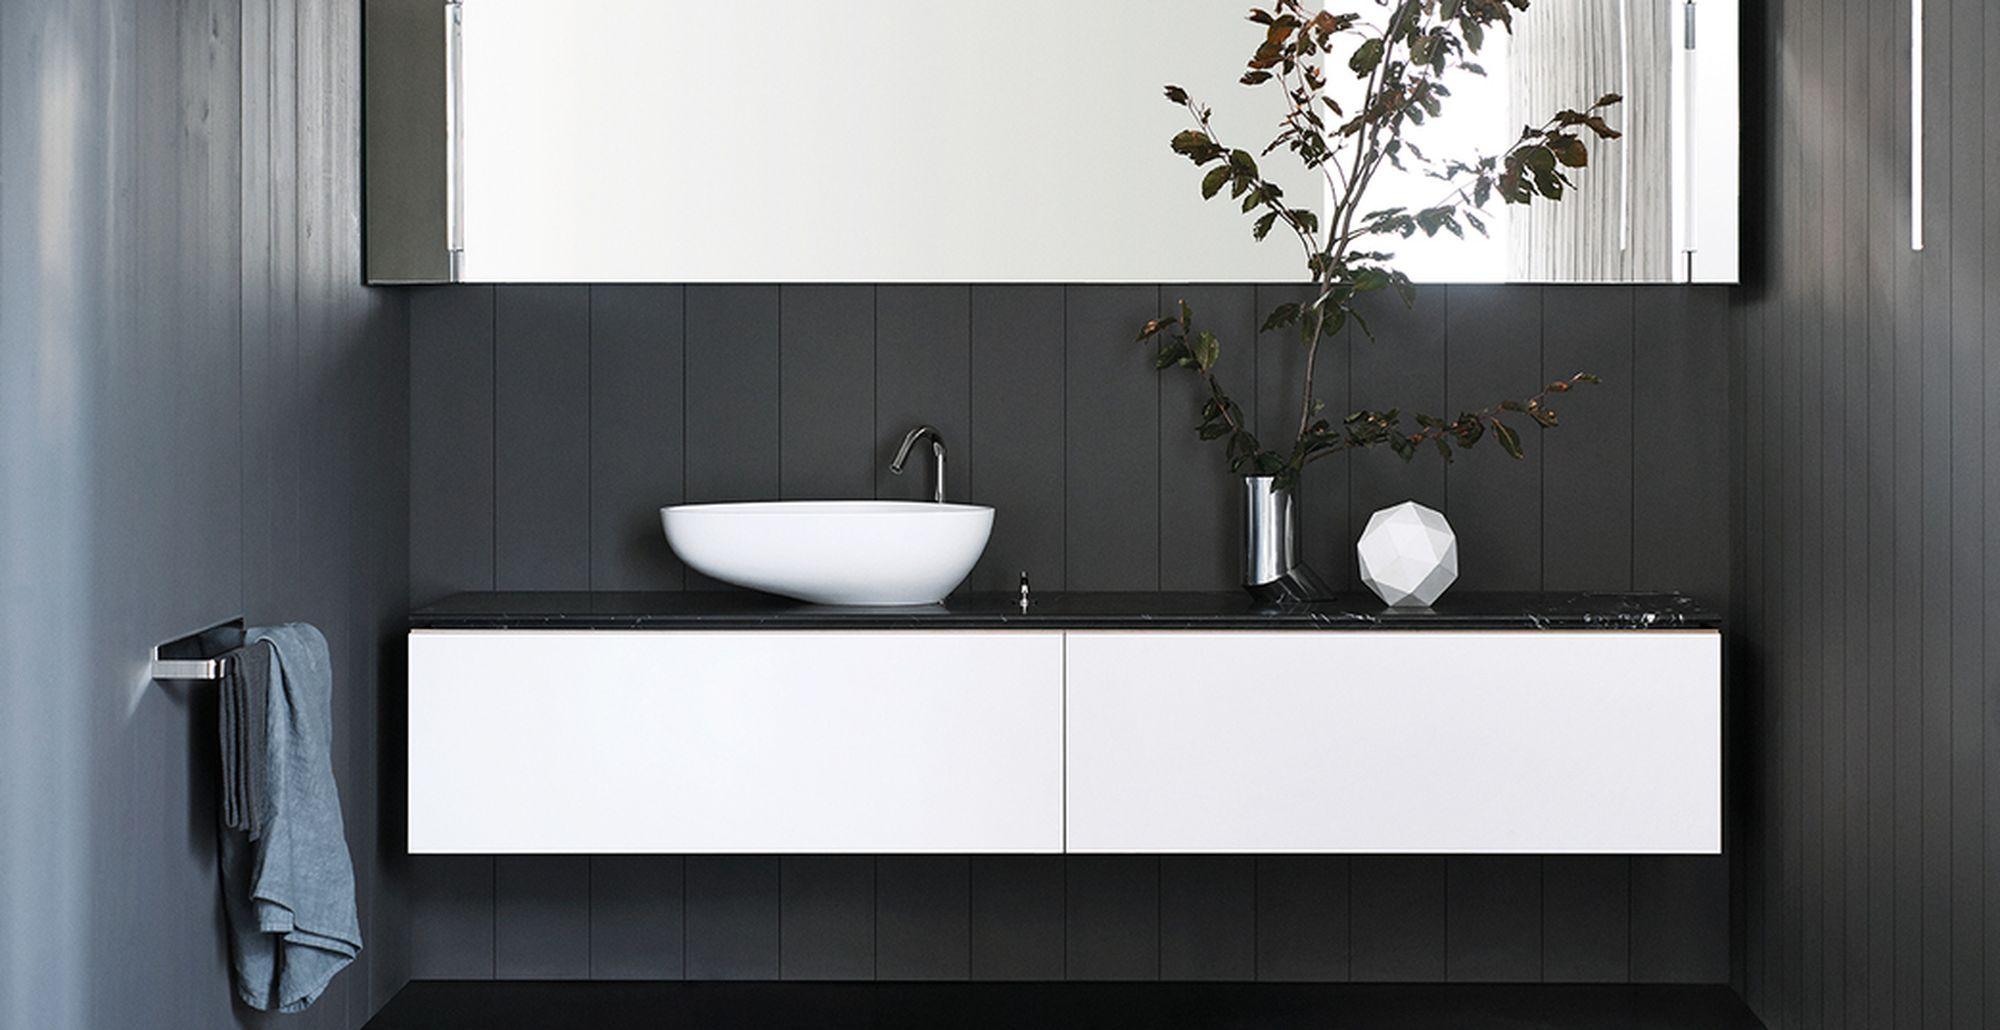 итальянская мебель для ванной дизайнерская эксклюзивная мебель для